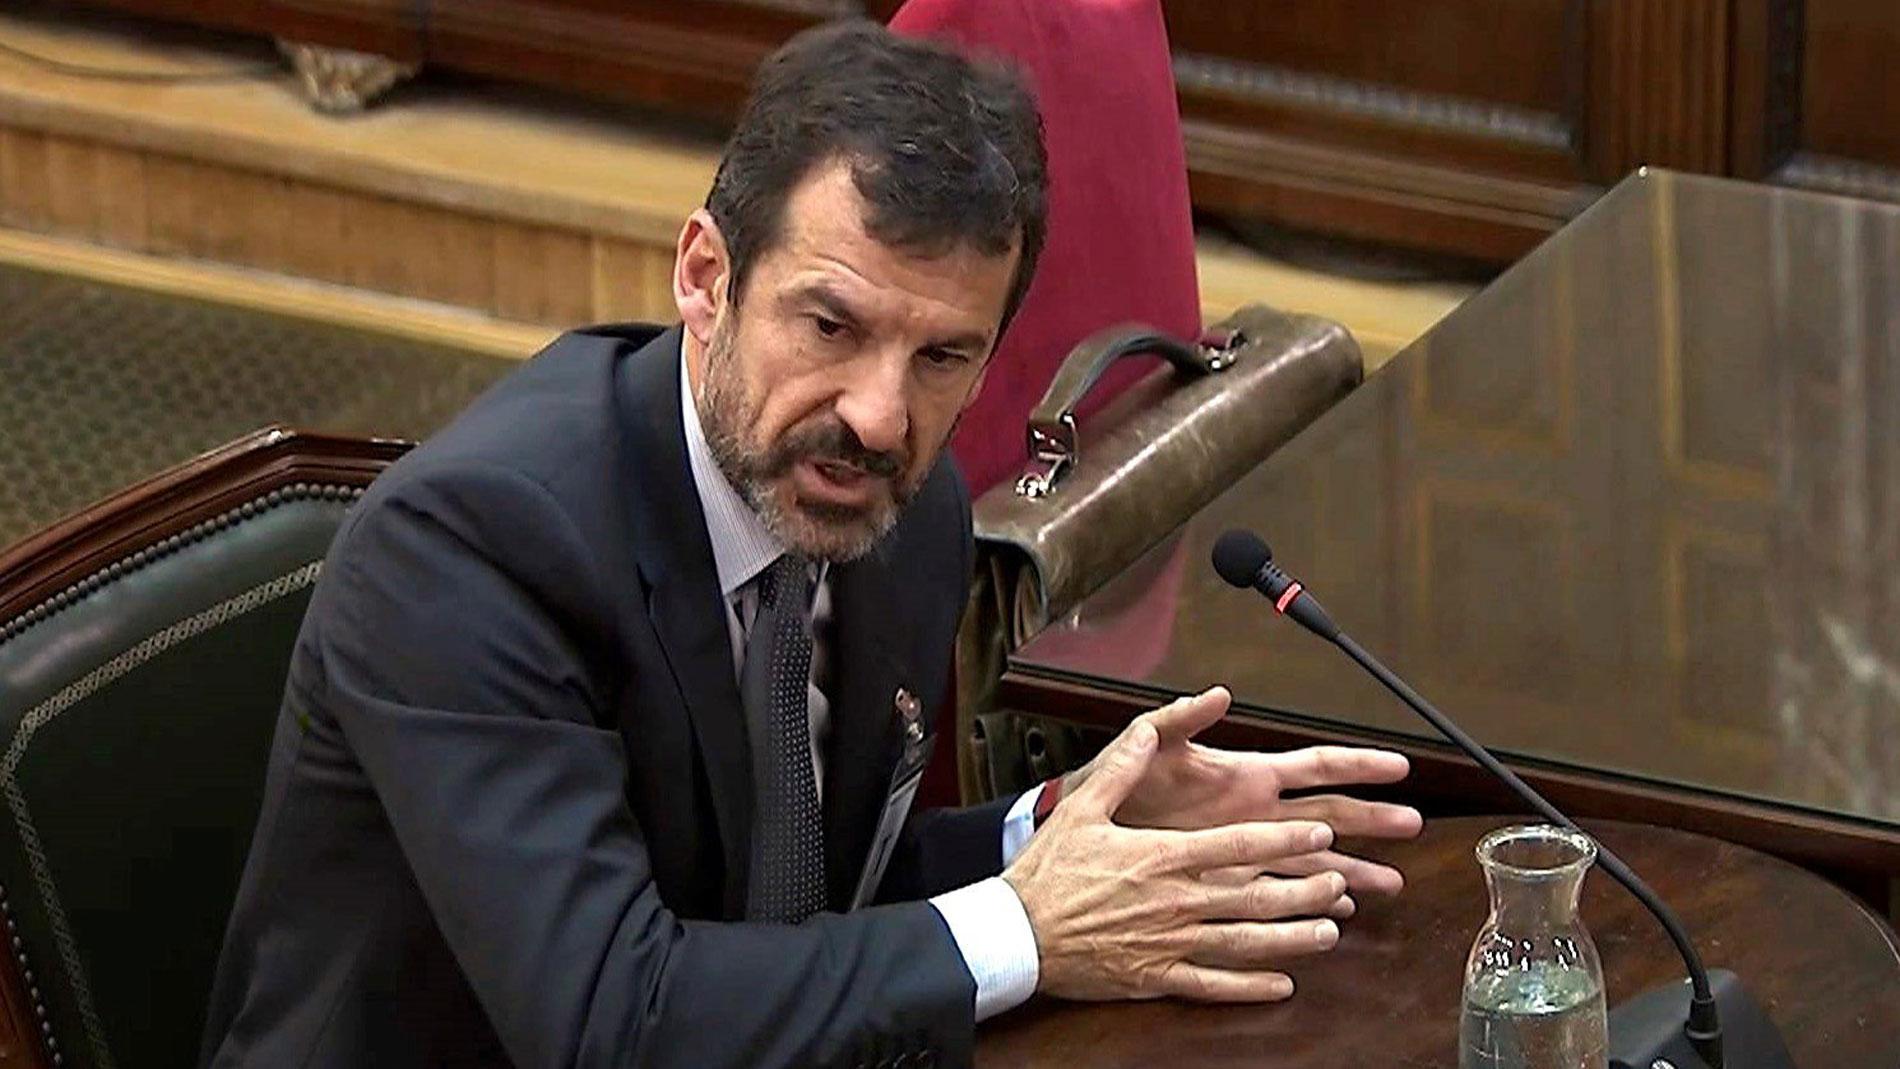 Vídeo - Puigdemont dijo que declararía la independencia si se cumplía el escenario de violencia